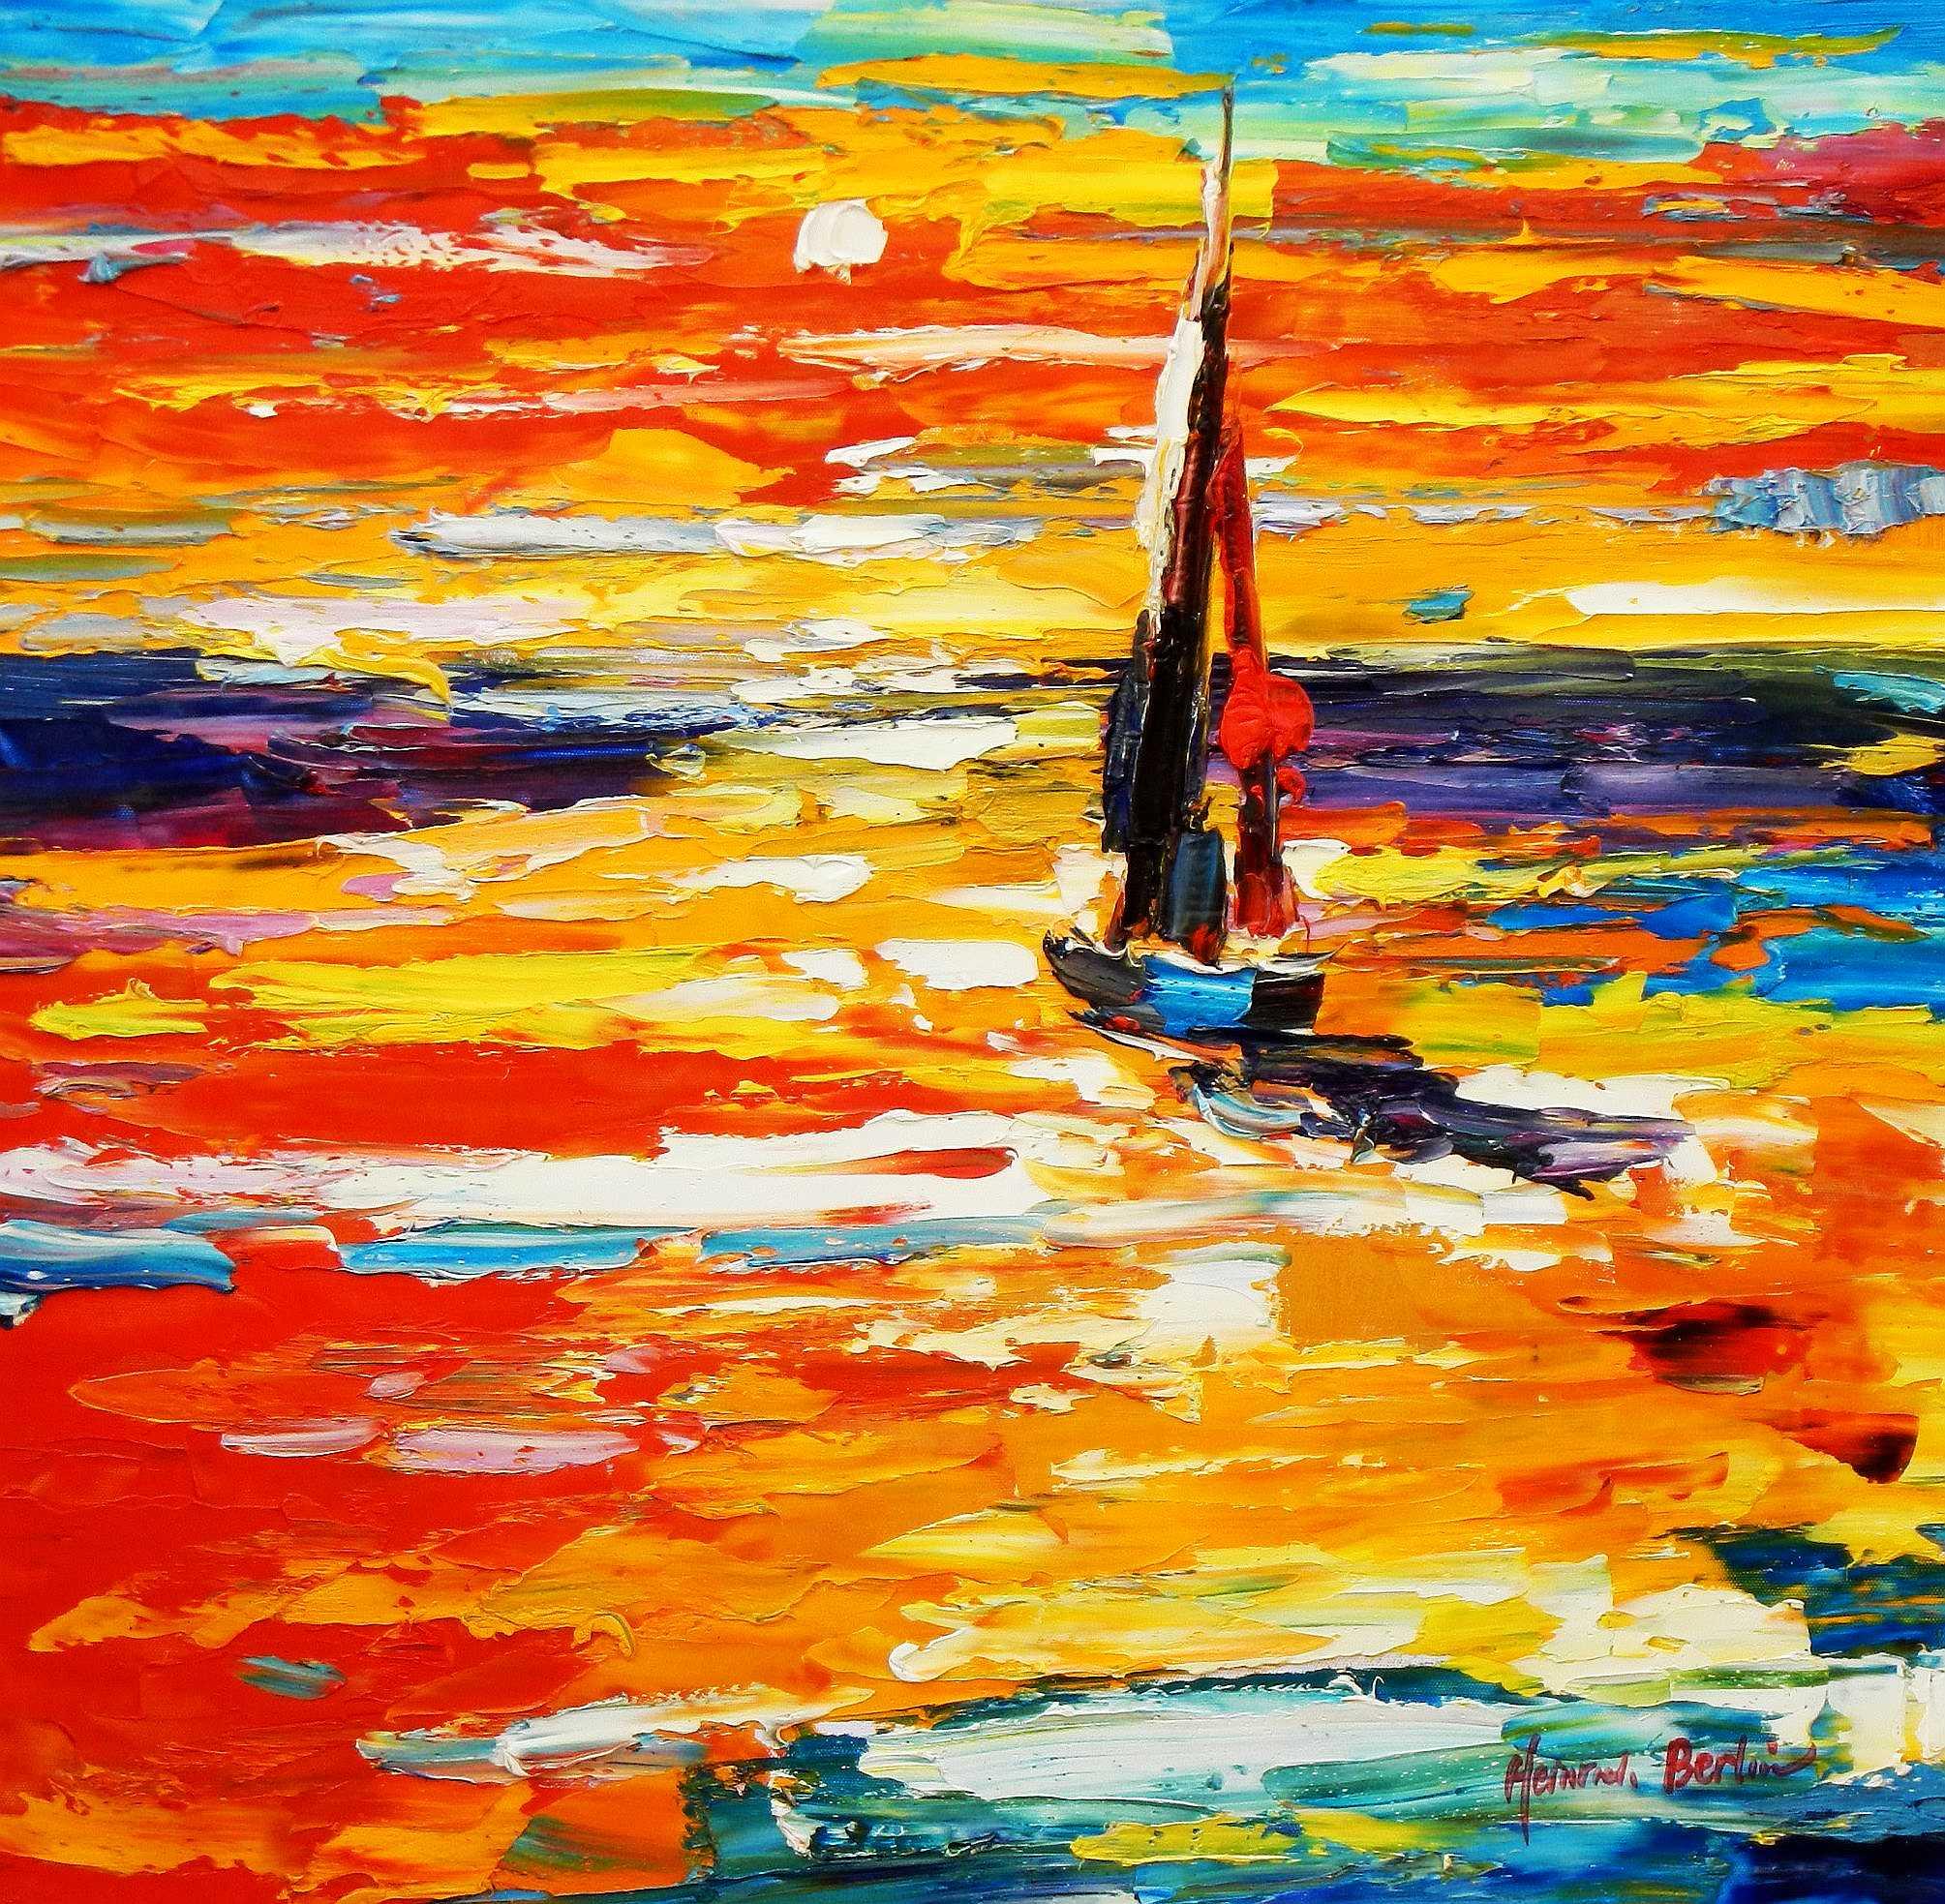 Modern Art - Segelboot bei Amrum e94908 60x60cm exquisites Gemälde